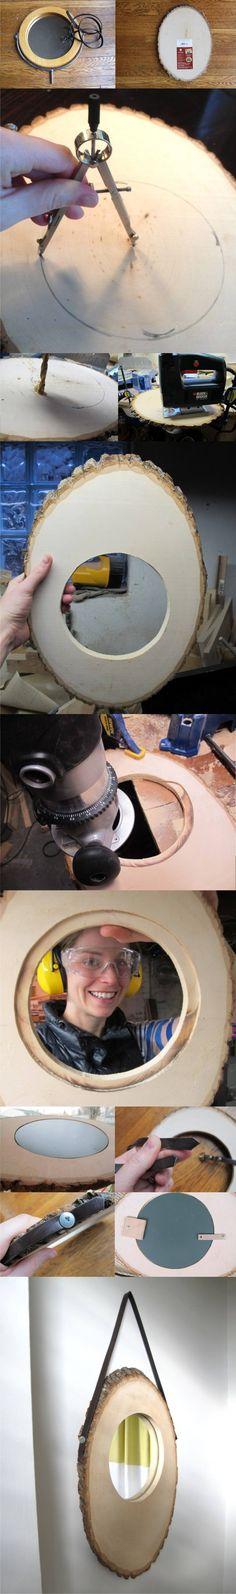 DIY Slice Mirror - merrypad.com - Espejo DIY con tronco como base